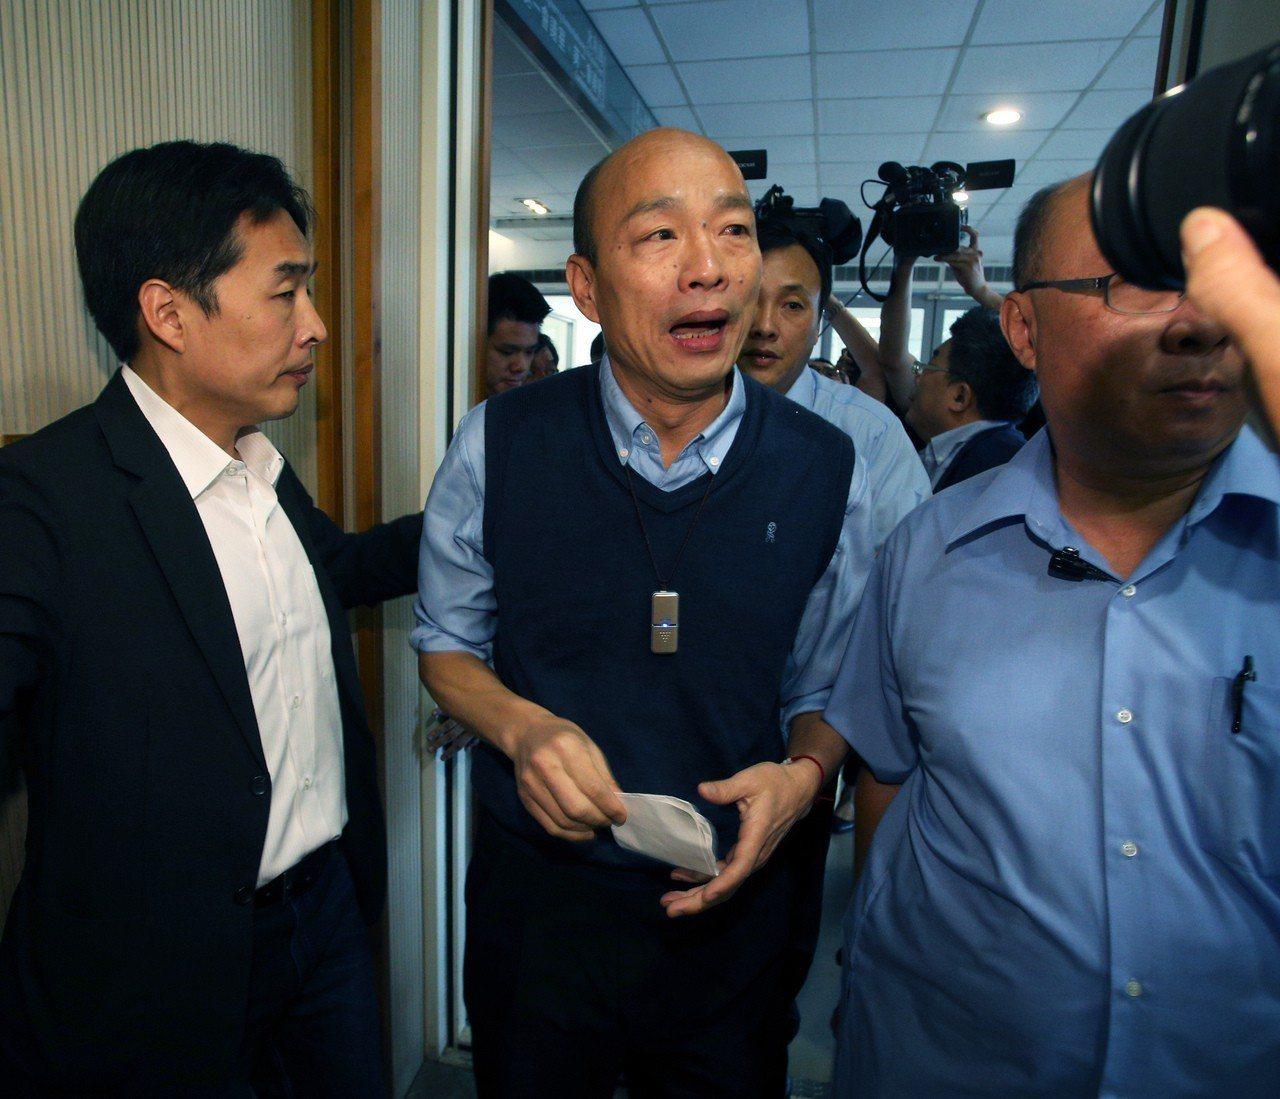 高雄市長韓國瑜發表聲明他無法參與現行國民黨的初選機制,立法院前院長王金平說,可體...